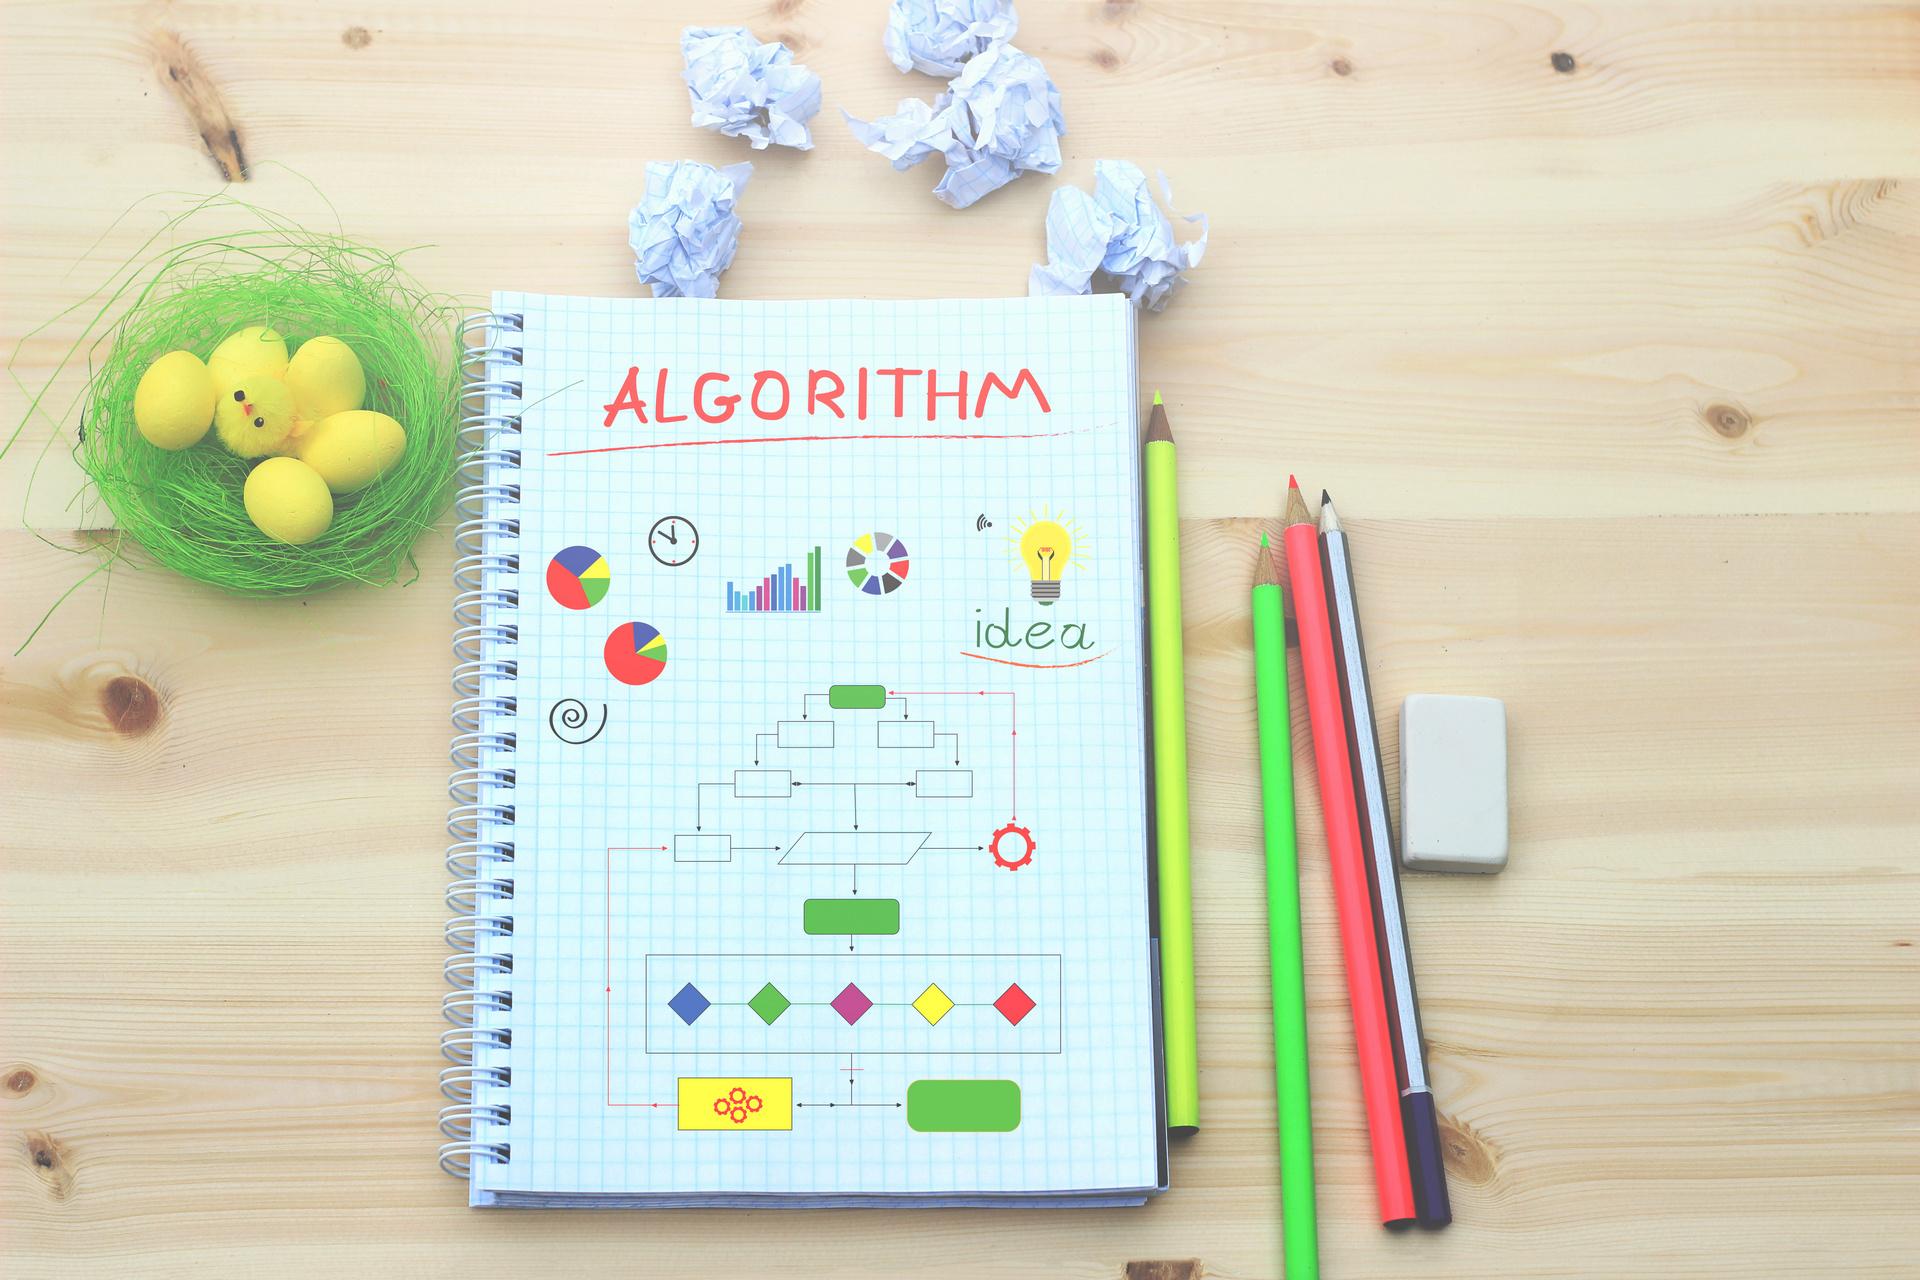 Effiziente Zusammenarbeit mit Programmieren - Algorithmen